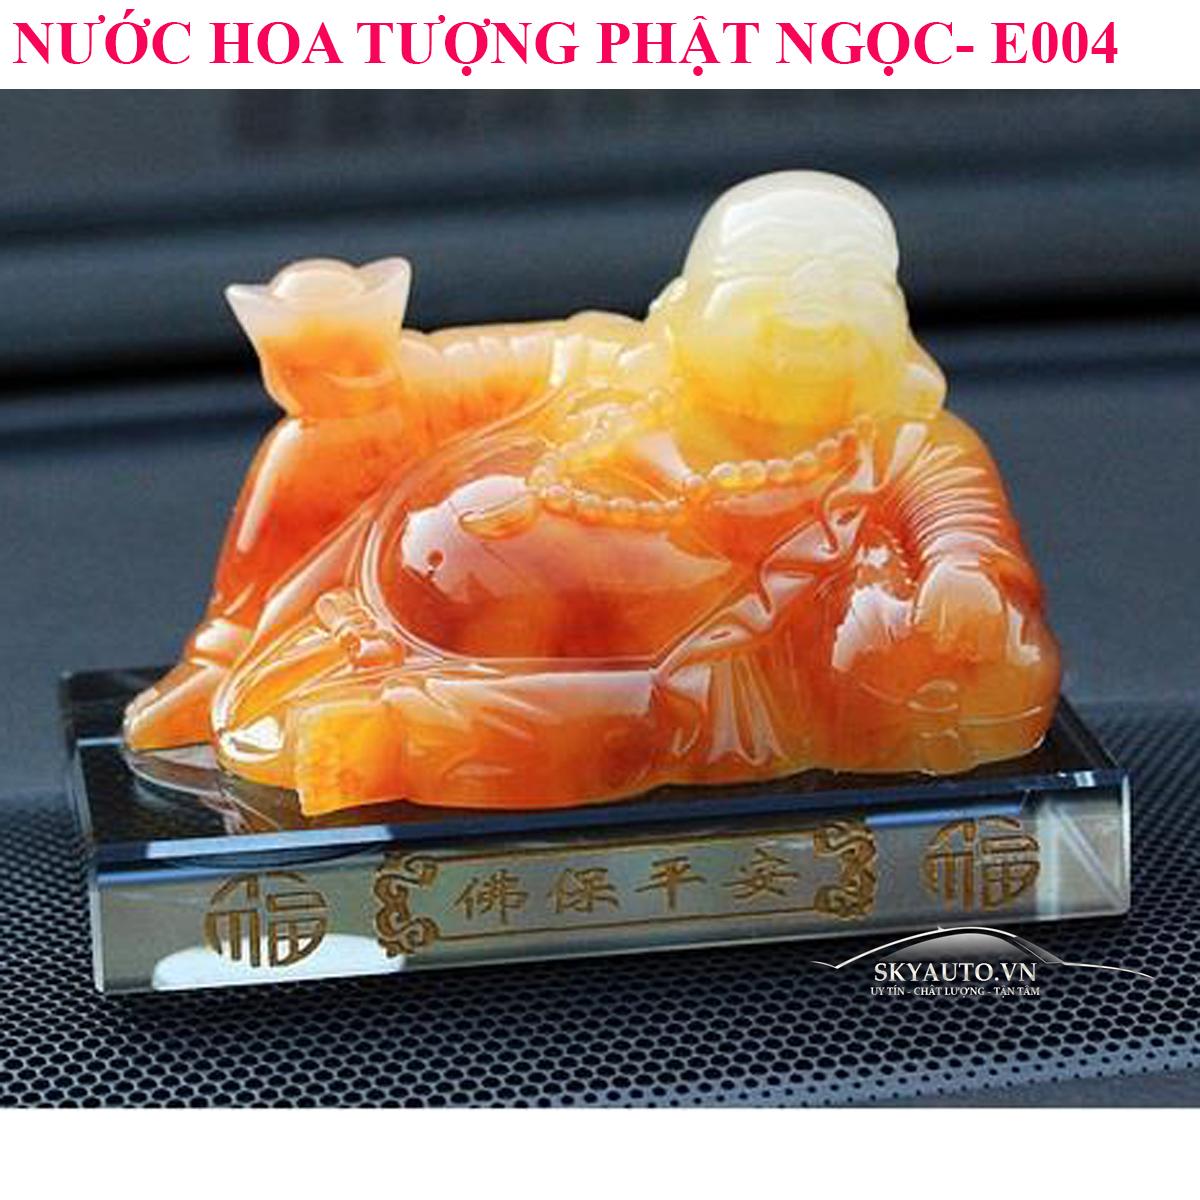 nuoc-hoa-tuong-phat-ngoc